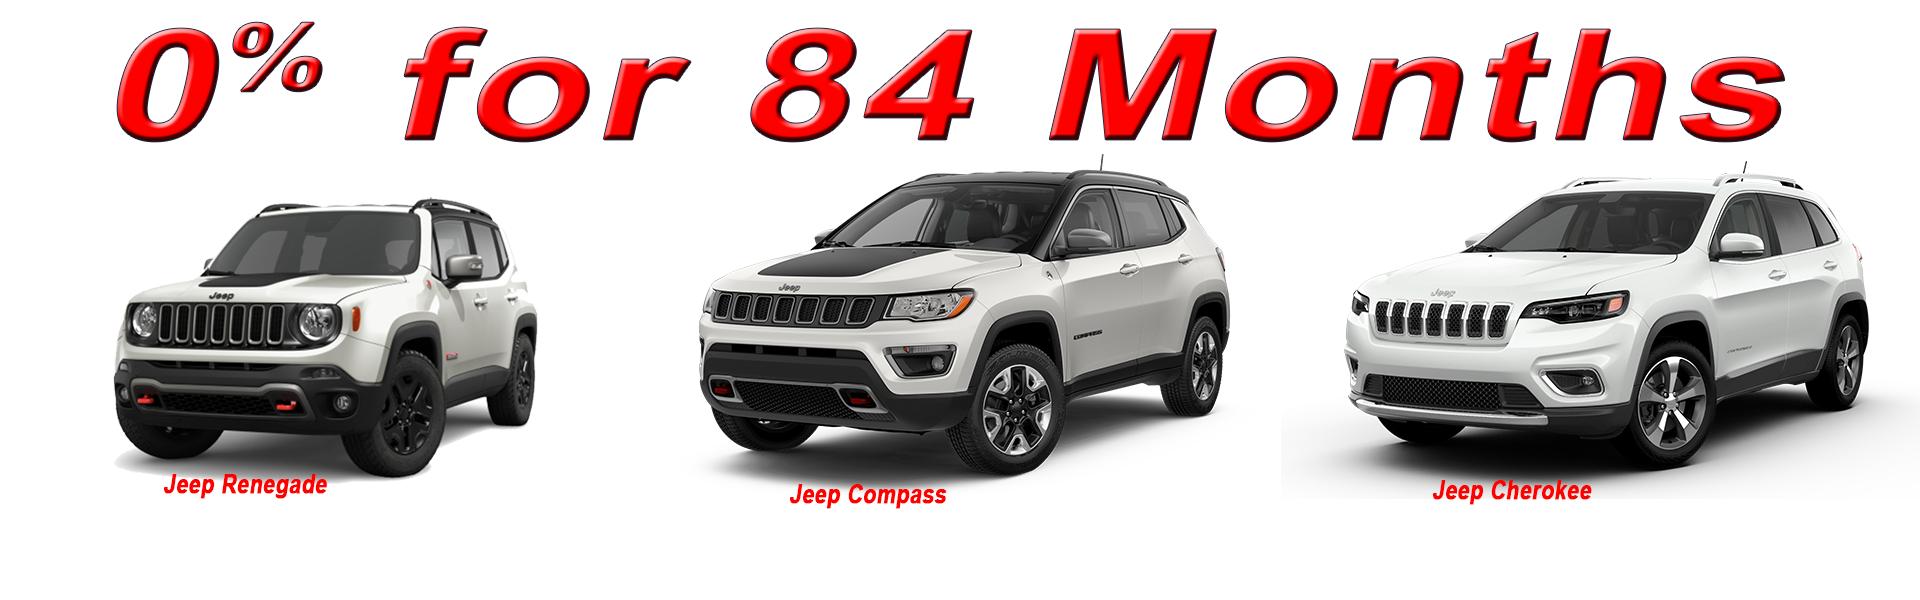 CDJR 0 84 small jeeps 2021 05